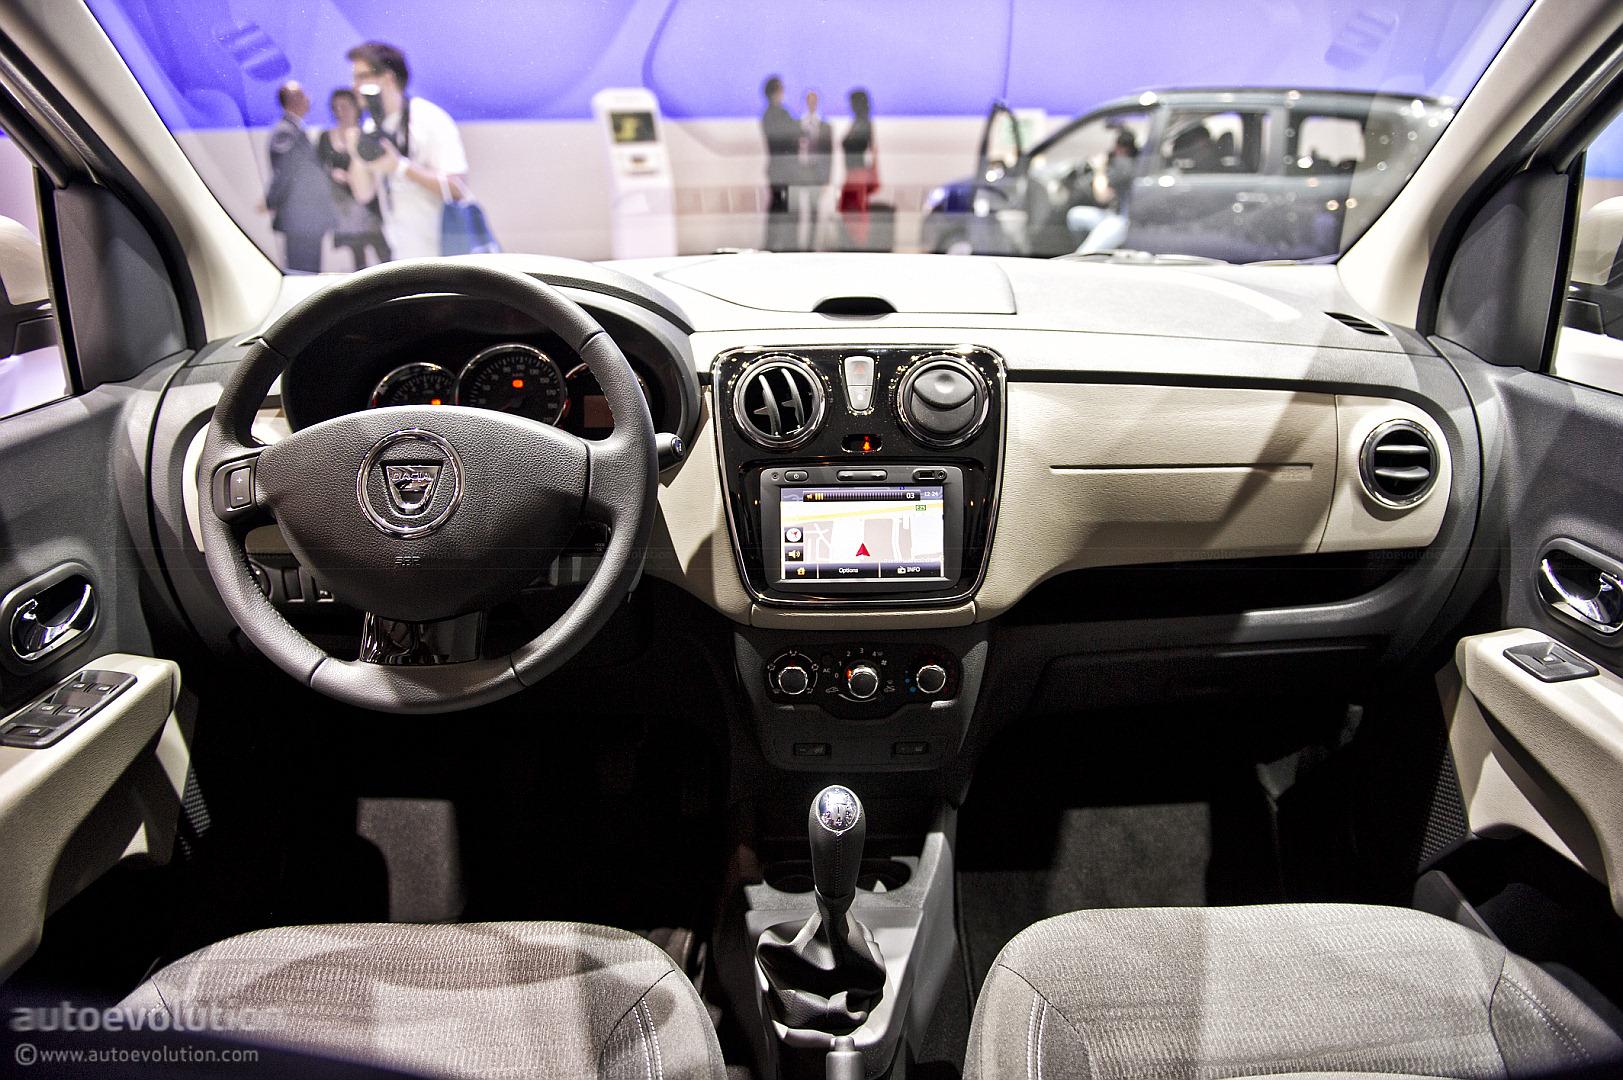 Qué coche usado de 7 plazas interesa más - Autofácil